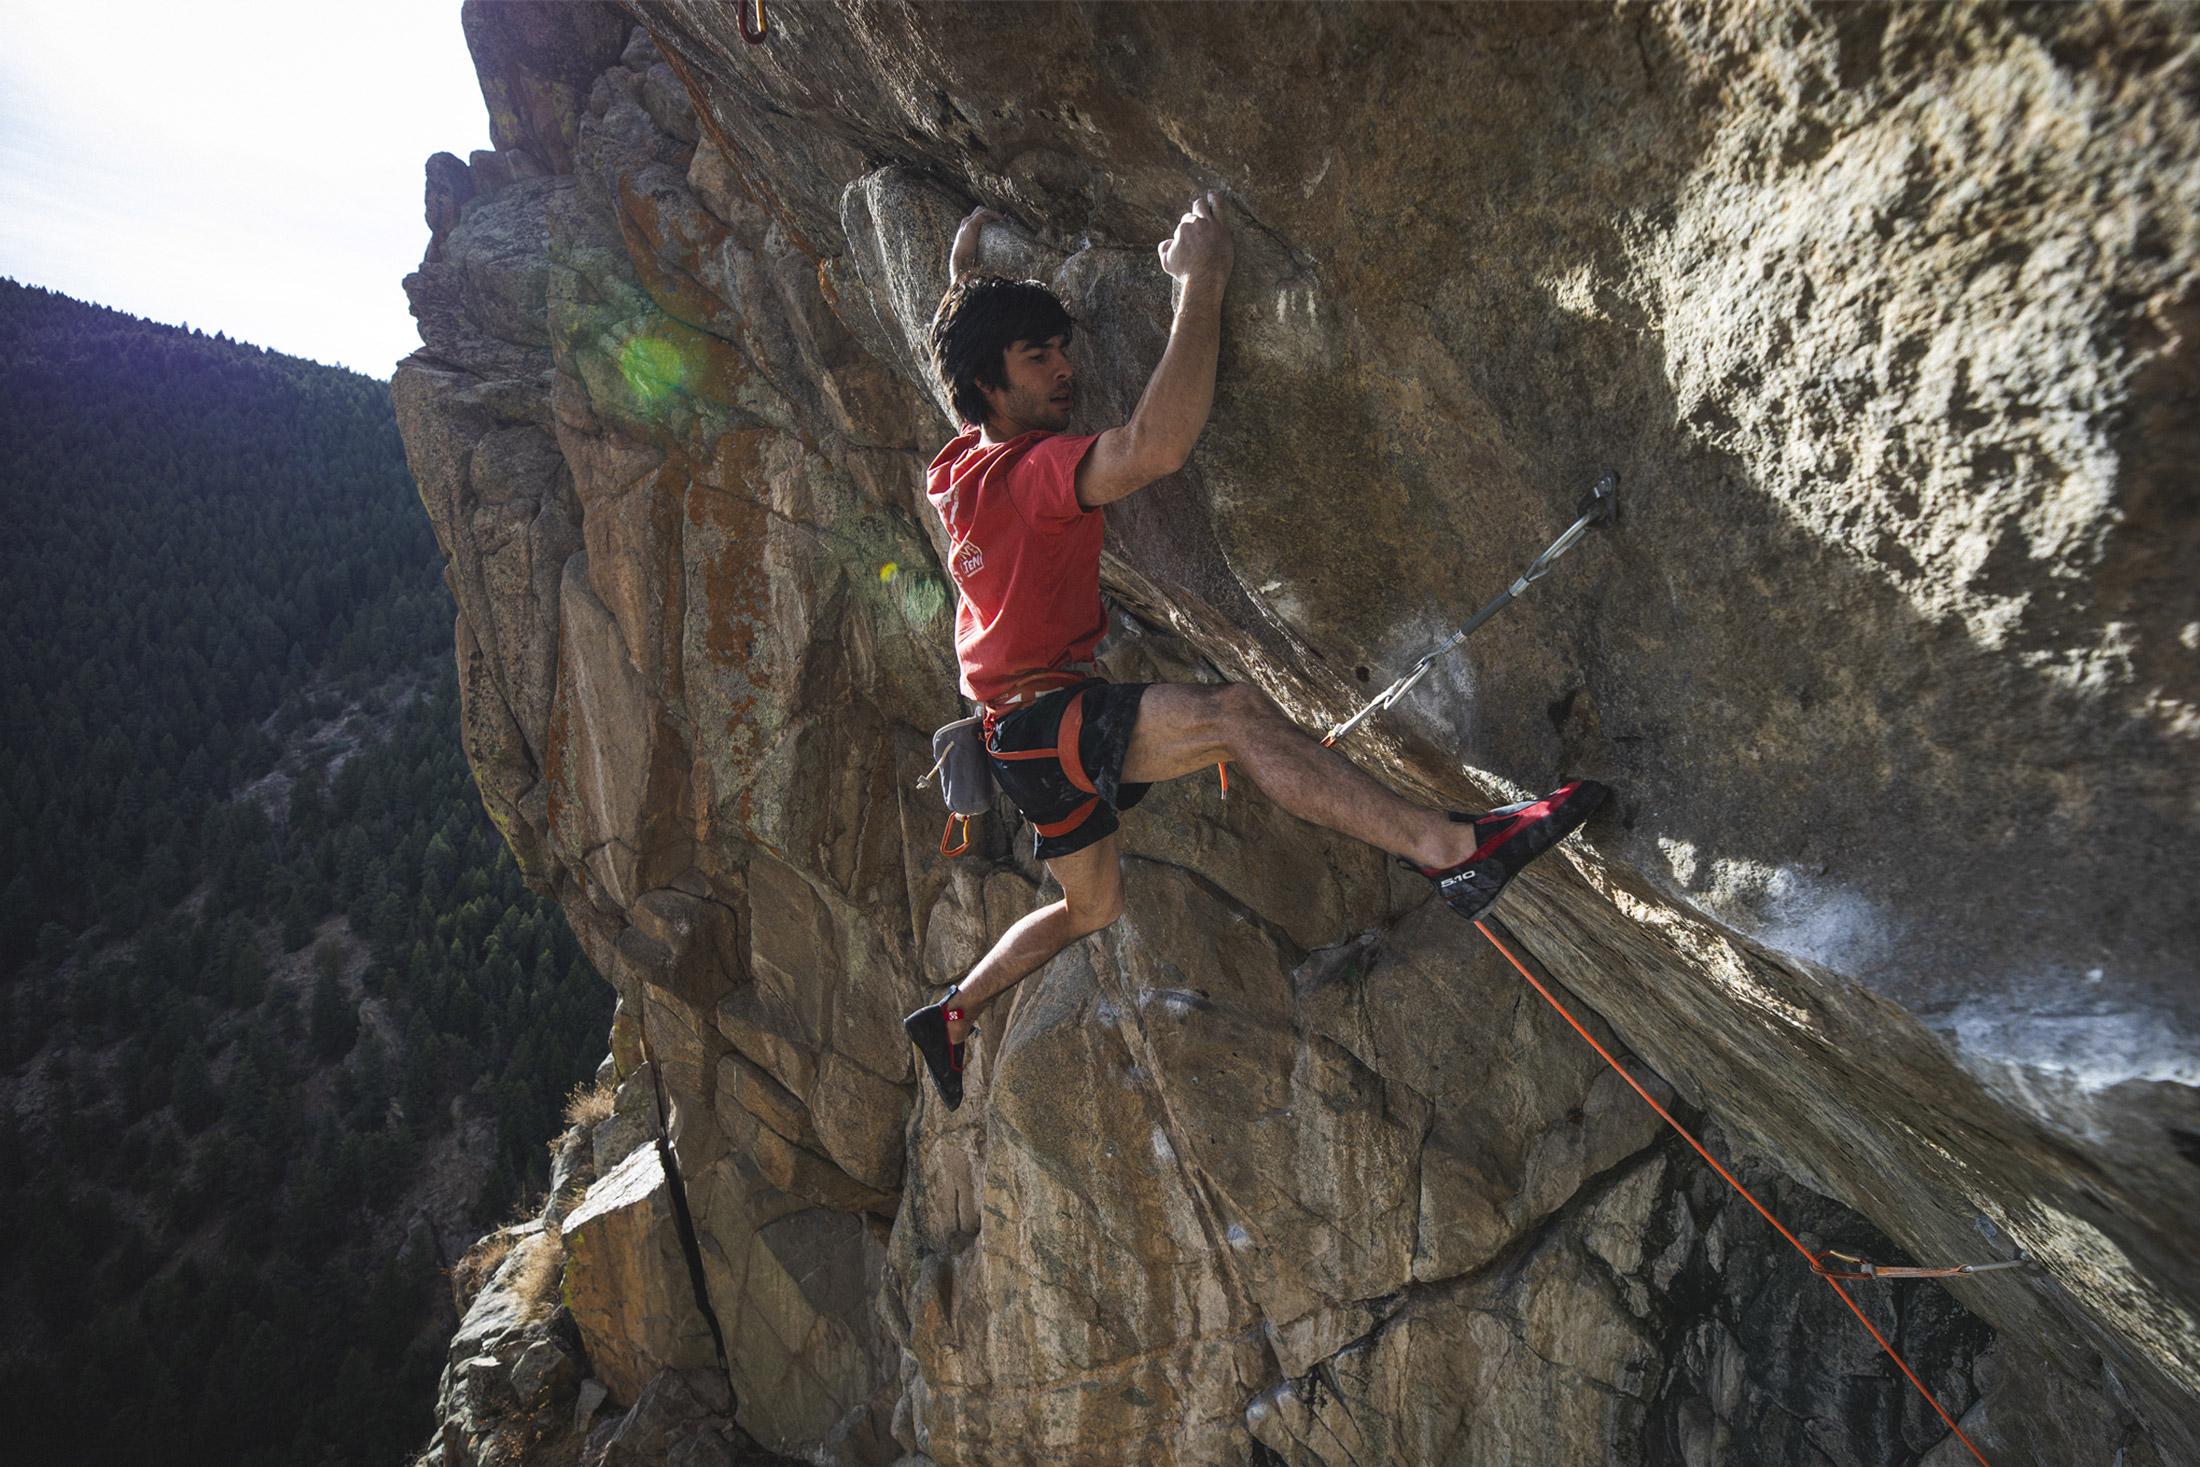 five ten niad moccasym - climbing